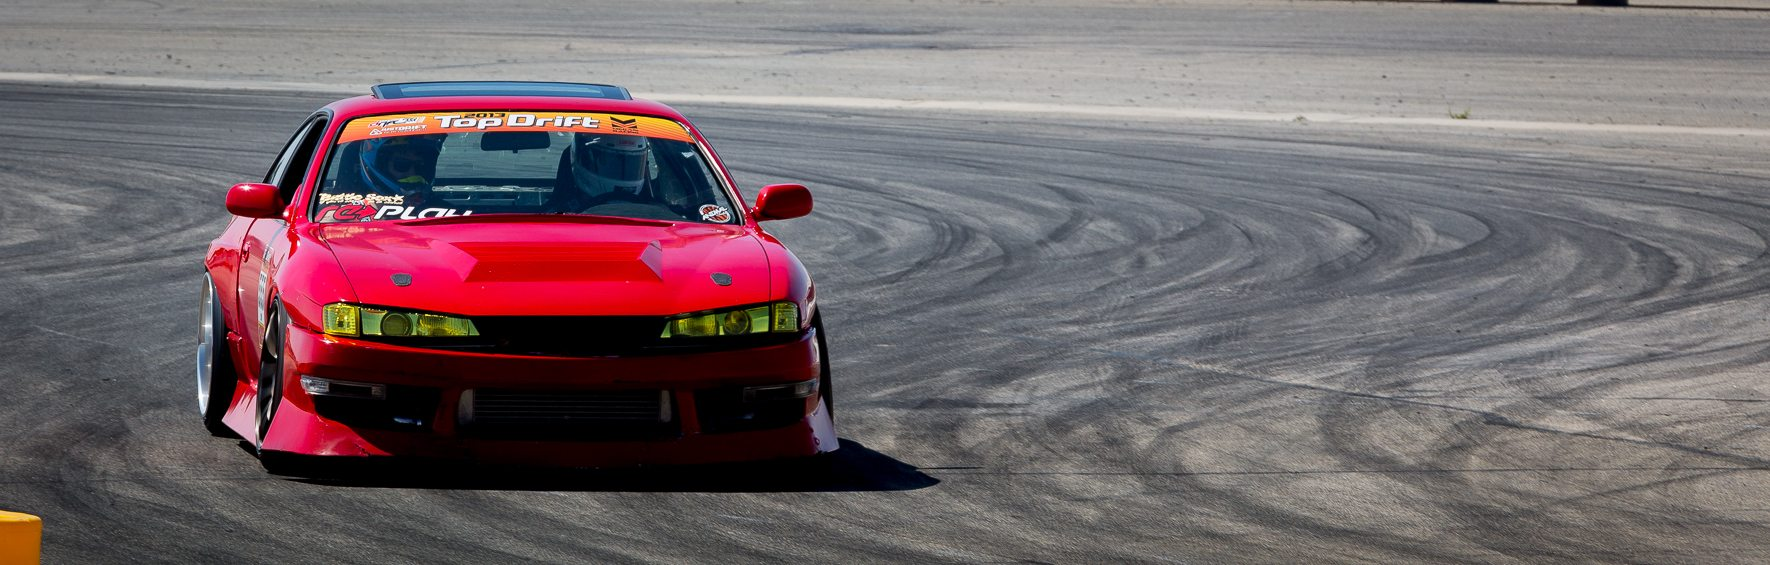 2013 Thunder on the Lot Nivo Slider Images-006